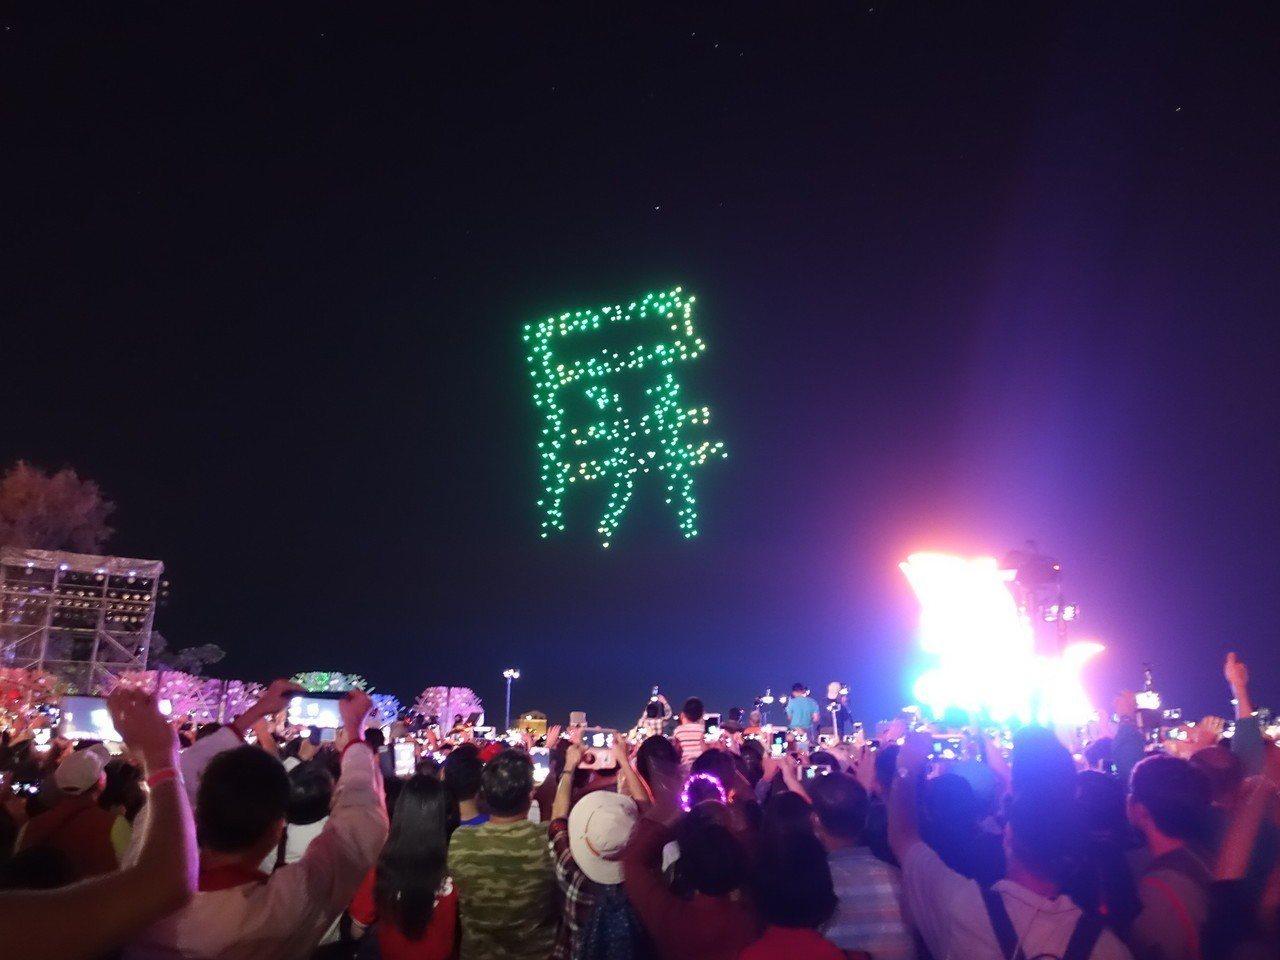 英特爾無人機空中秀在今年的台灣燈會完美演出,讓現場觀眾驚豔連連。 圖/聯合報系資...